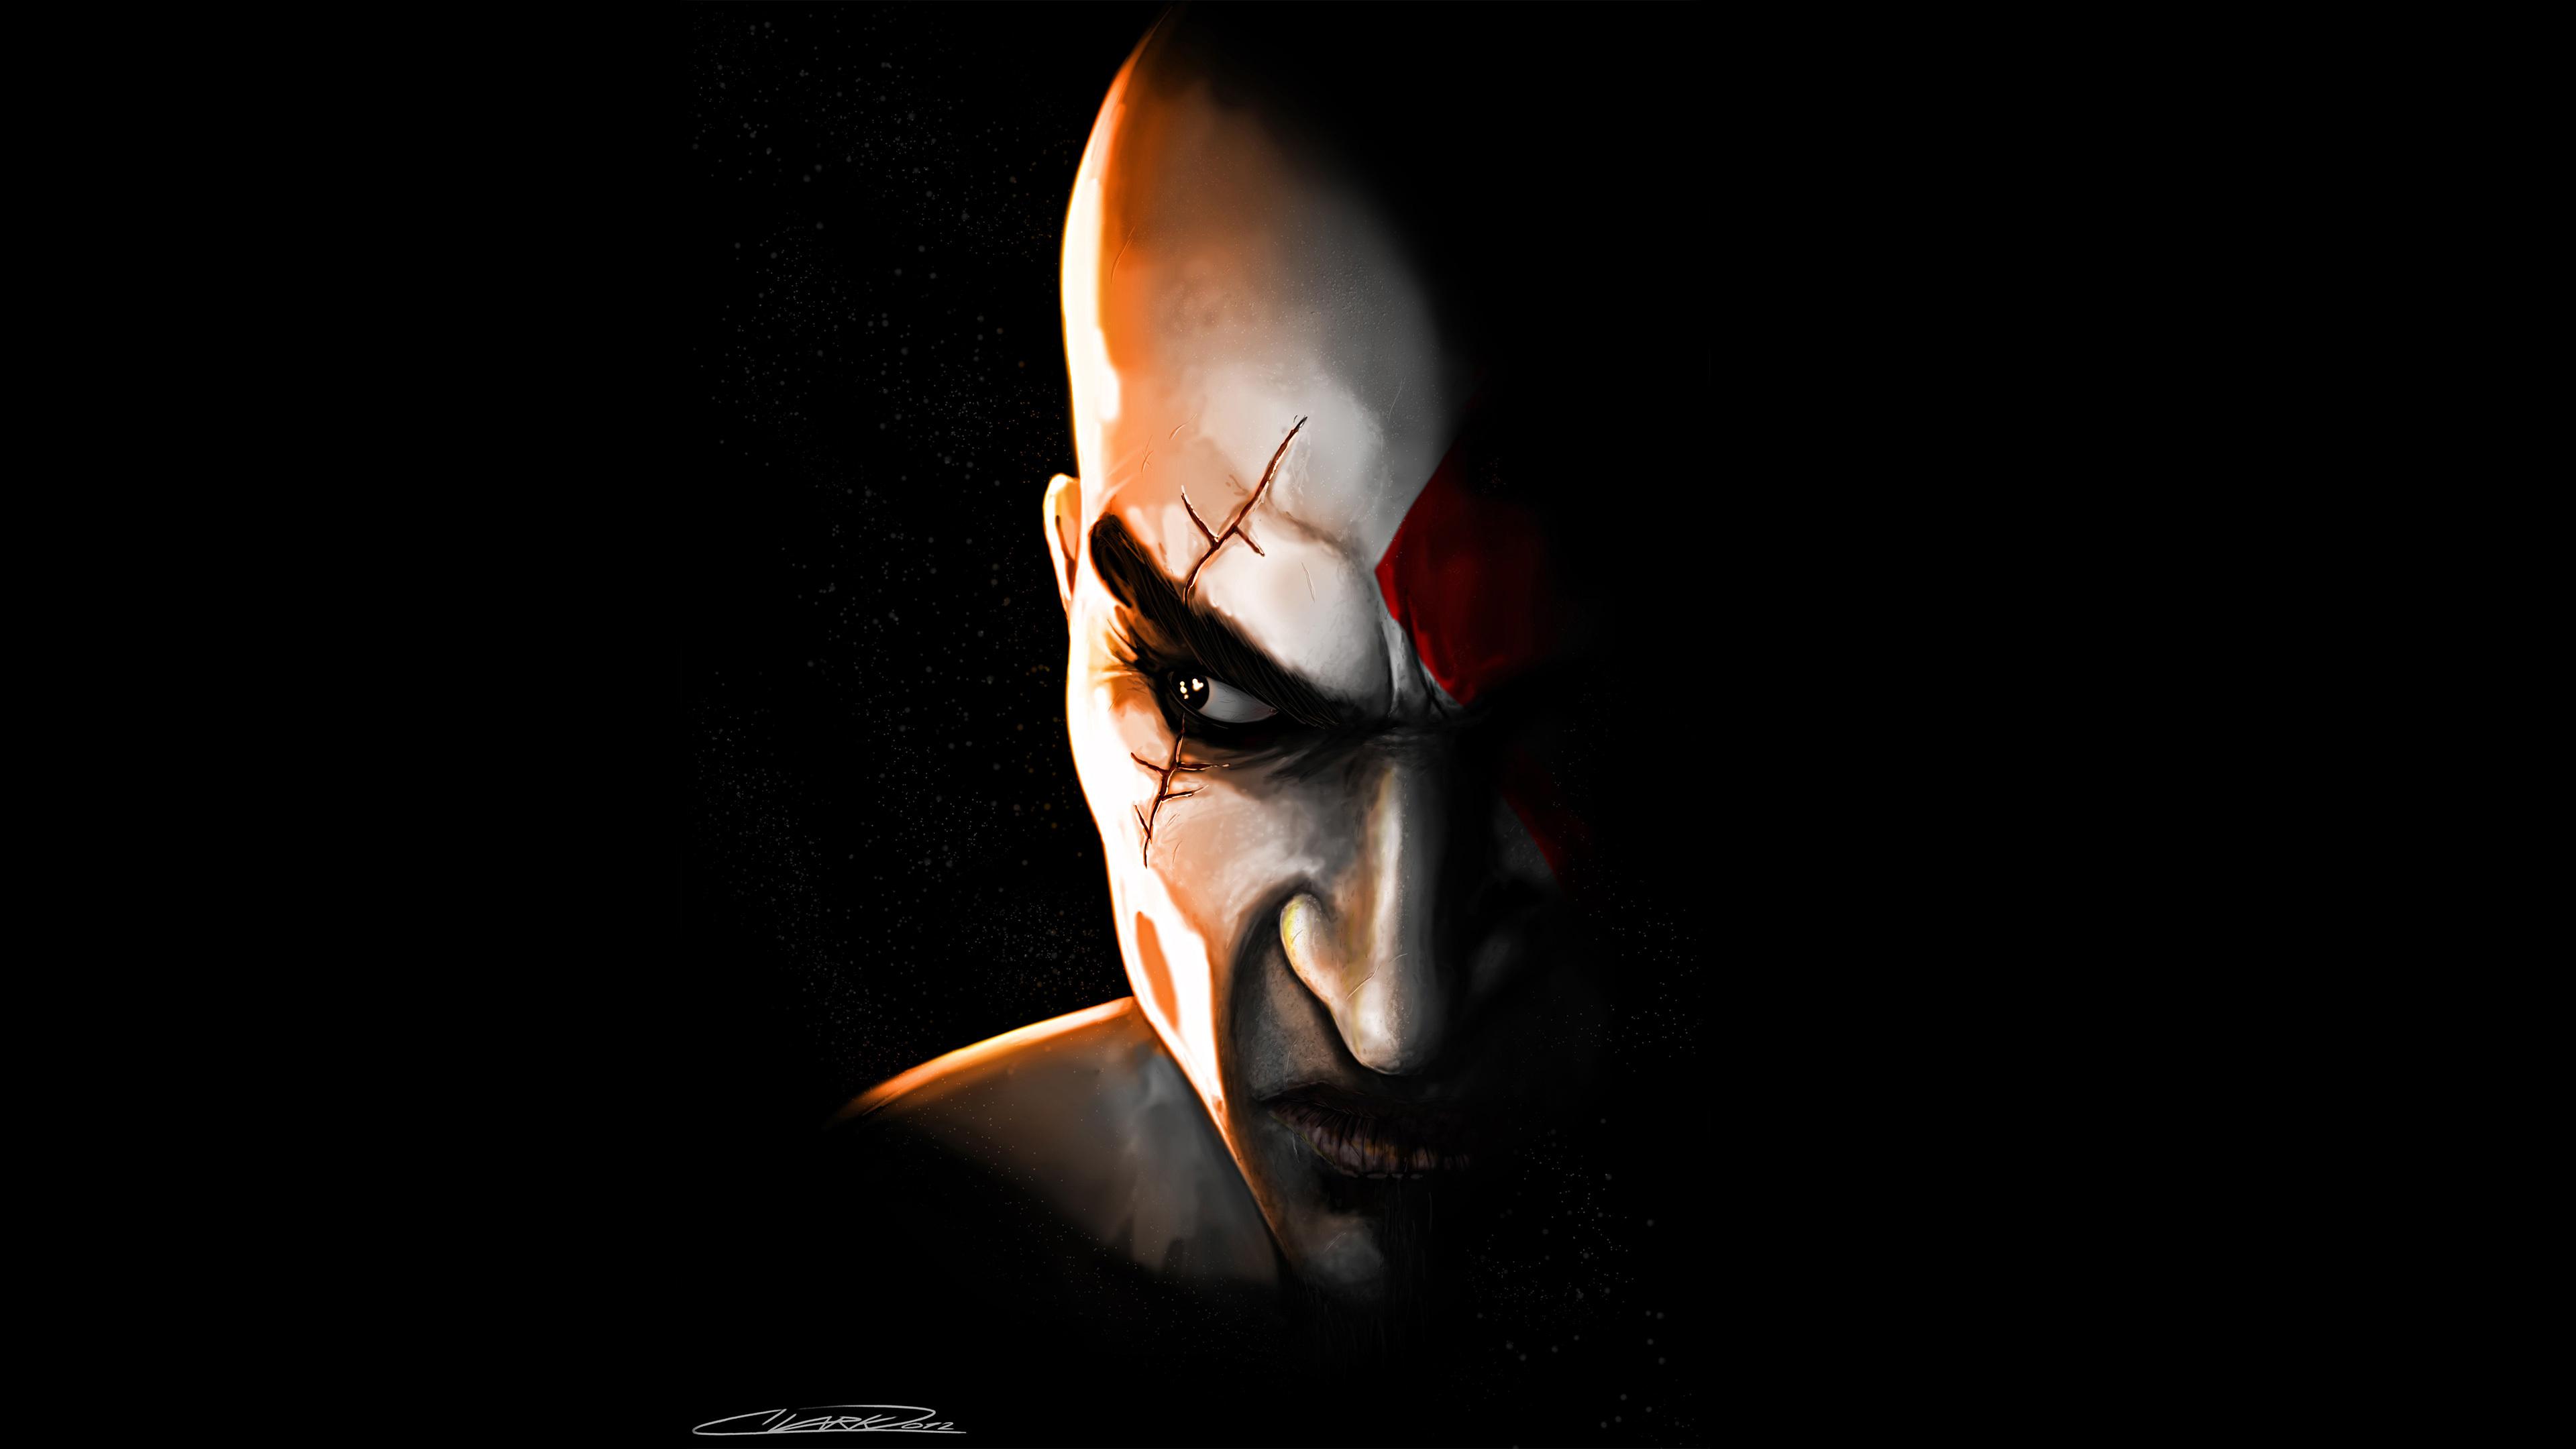 kratos-in-god-of-war-game-5h.jpg